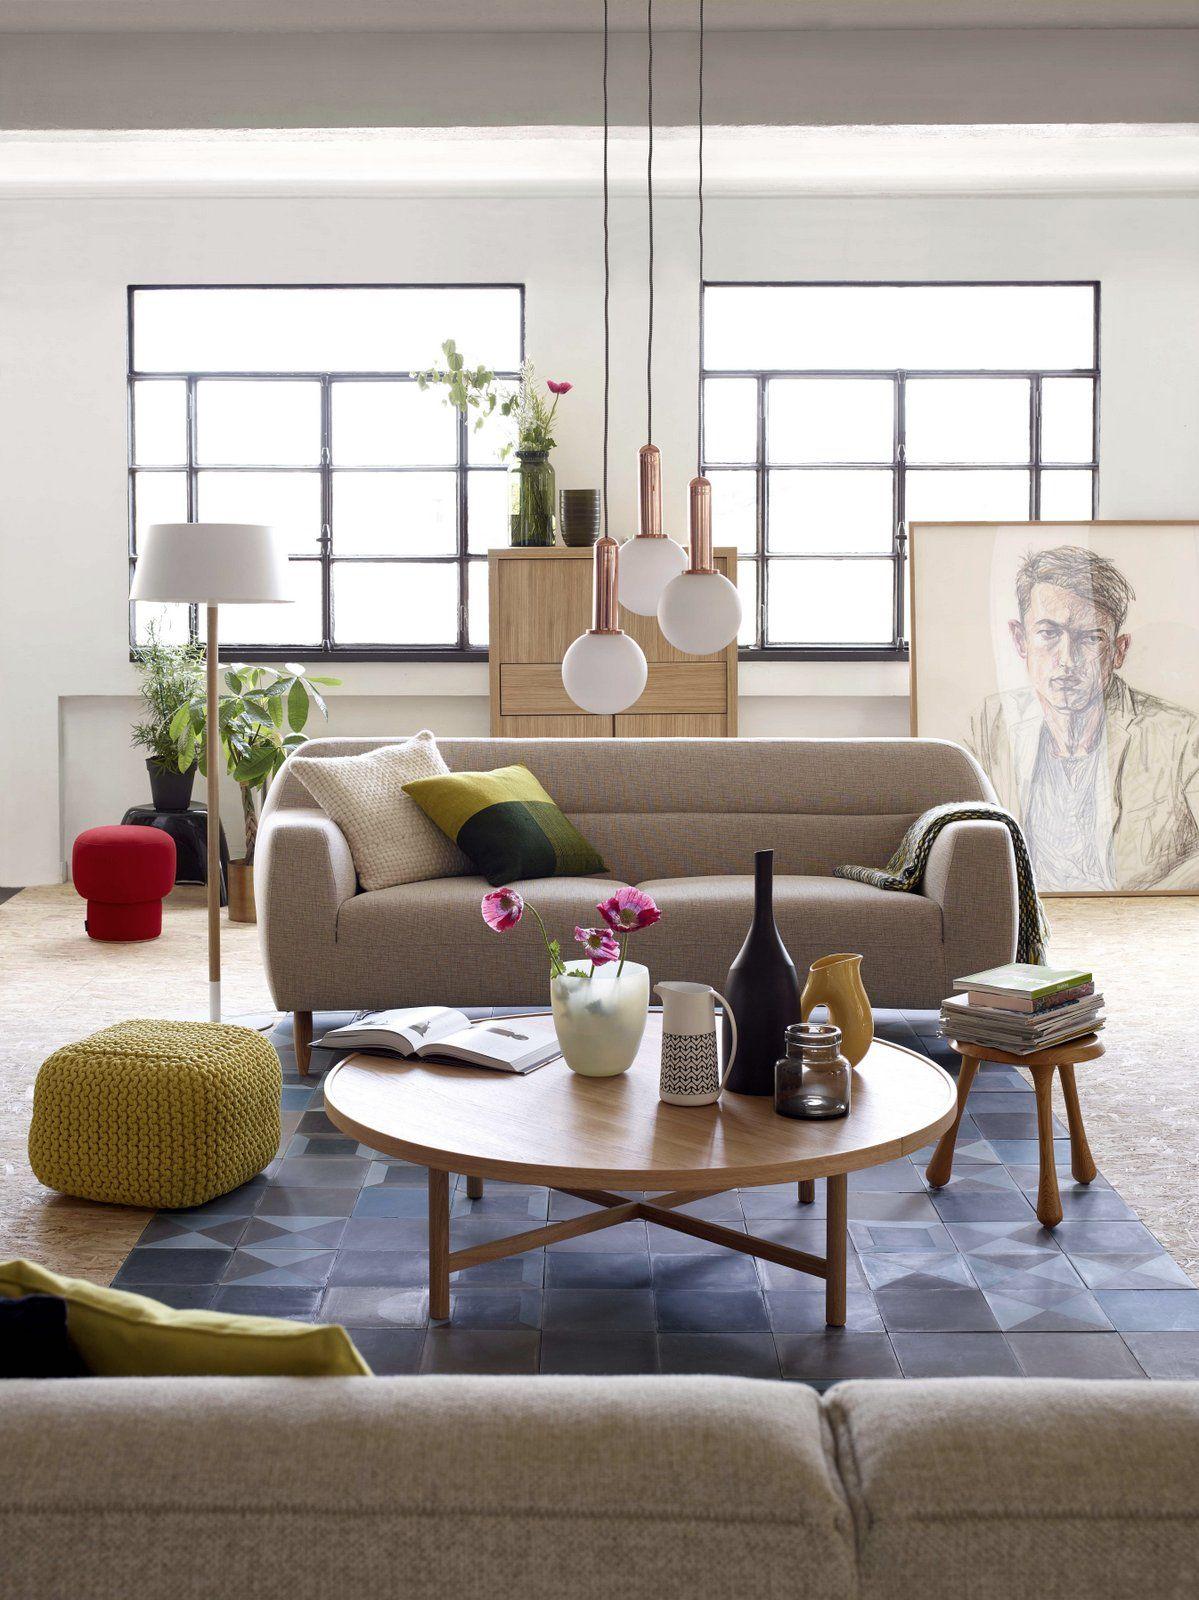 French Living Idee Deco Salon Meuble Habitat Et Idee Deco Salon Chaleureux